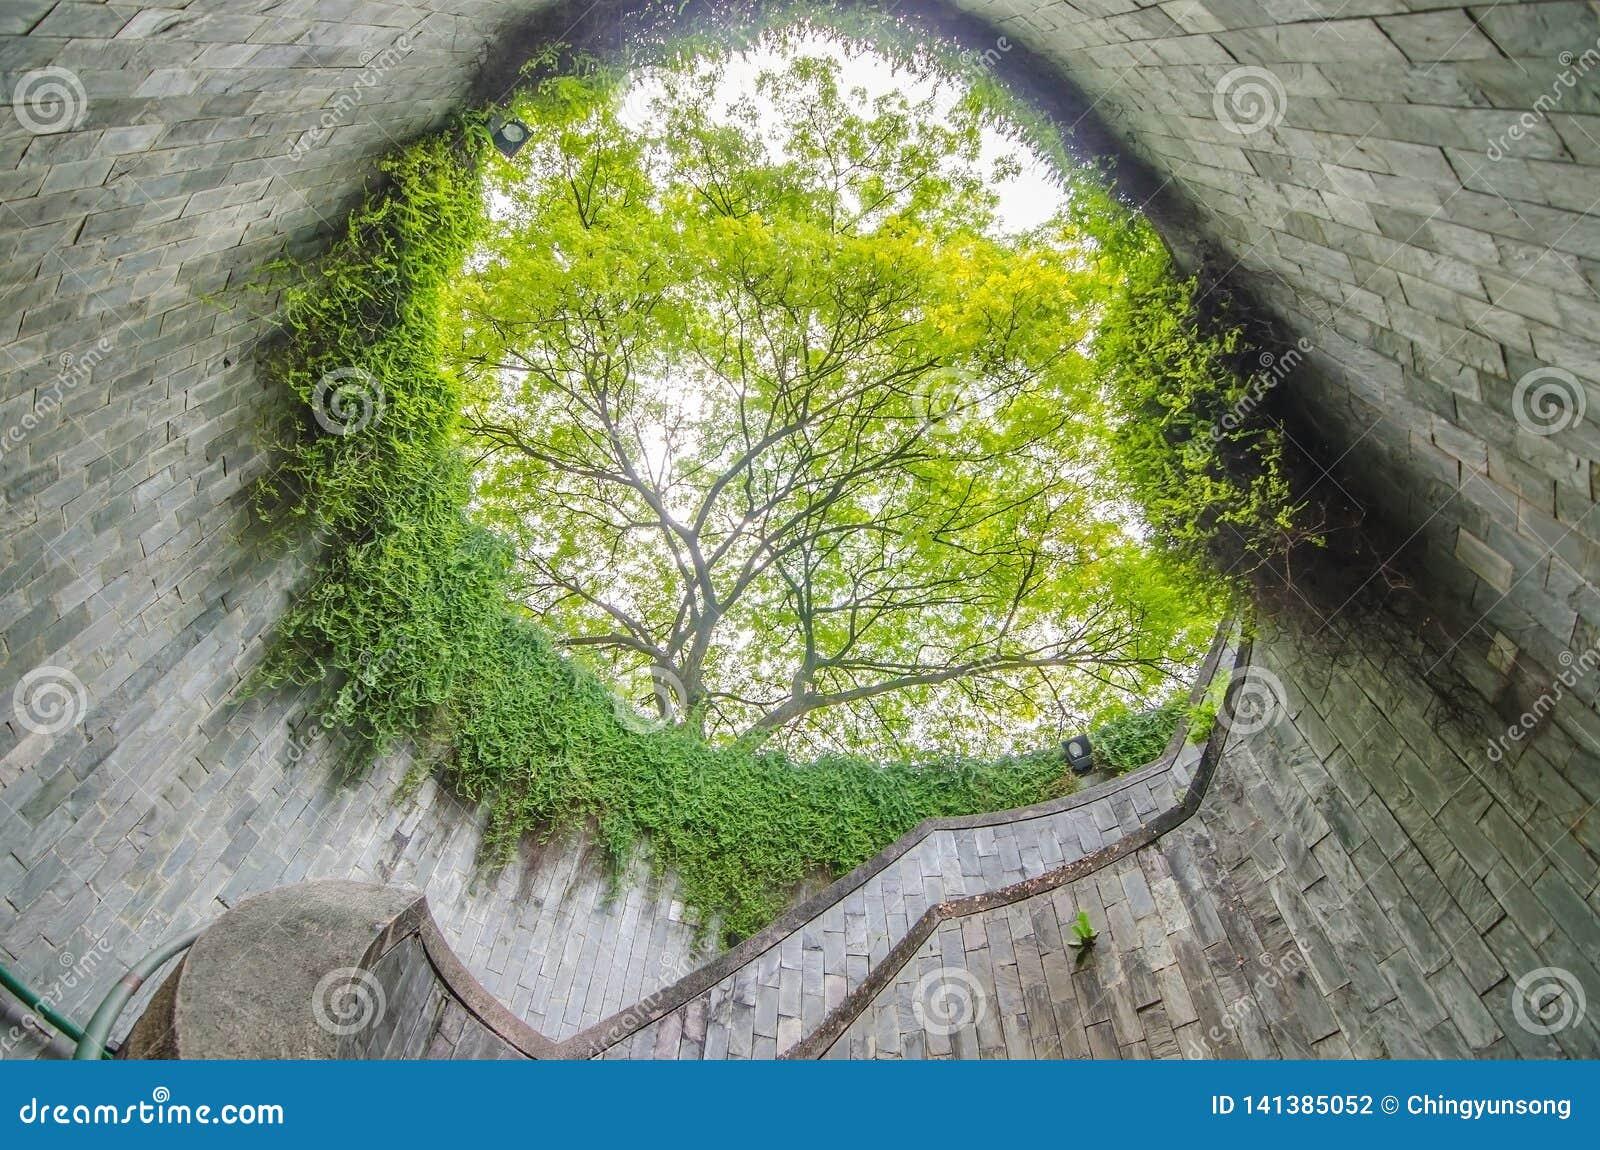 Σπειροειδής σκάλα υπόγεια να διασχίσει και το δέντρο στη σήραγγα στο κονσερβοποιώντας πάρκο οχυρών, Σιγκαπούρη